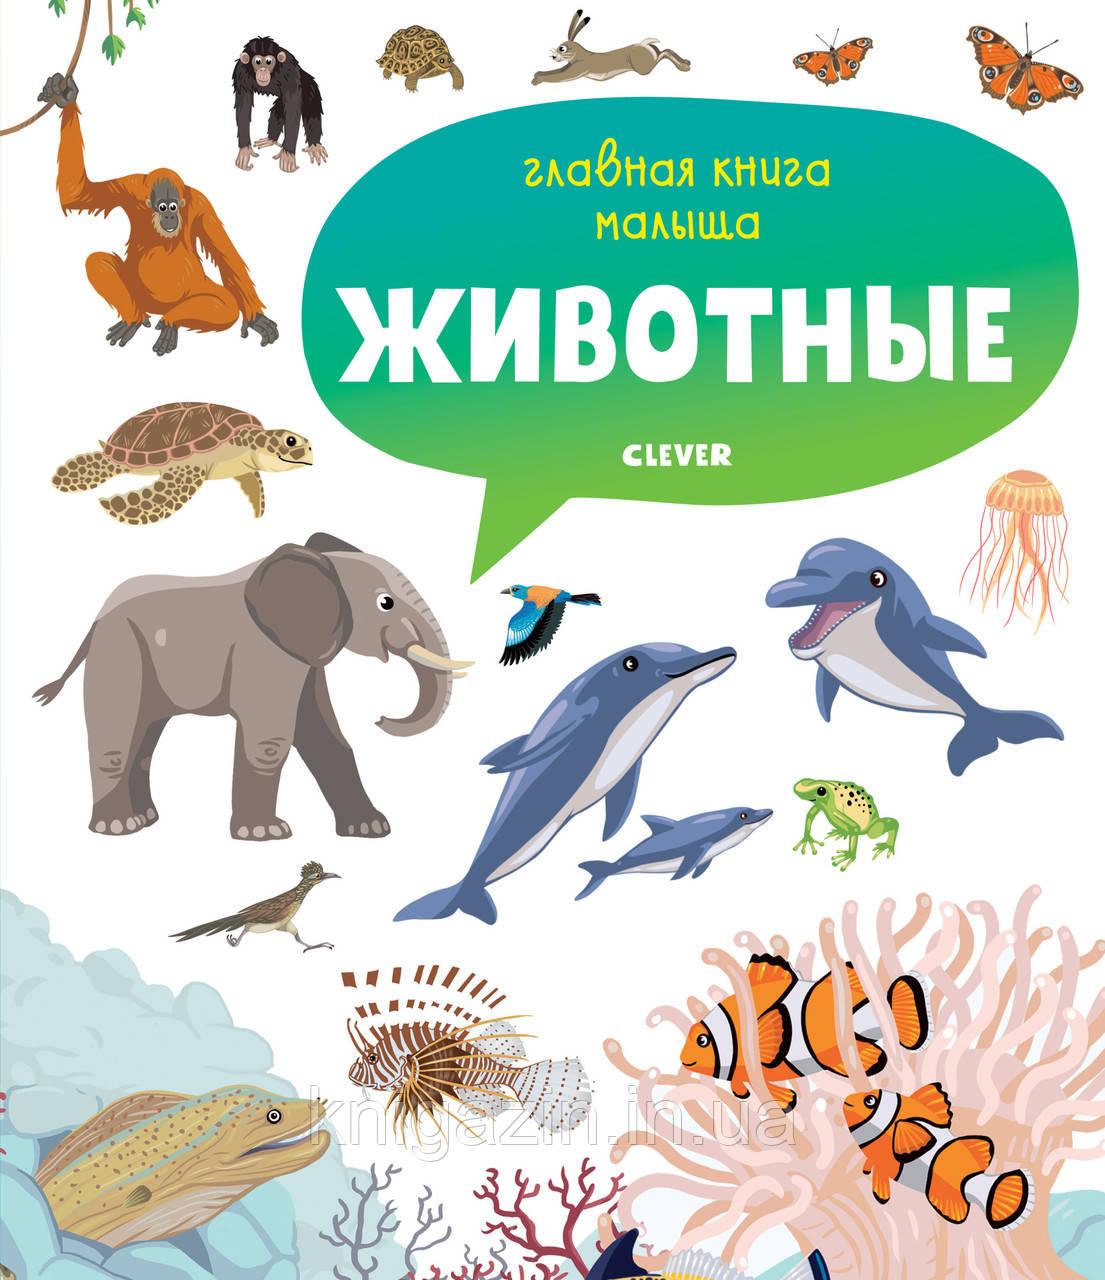 Главная книга малыша. Животные